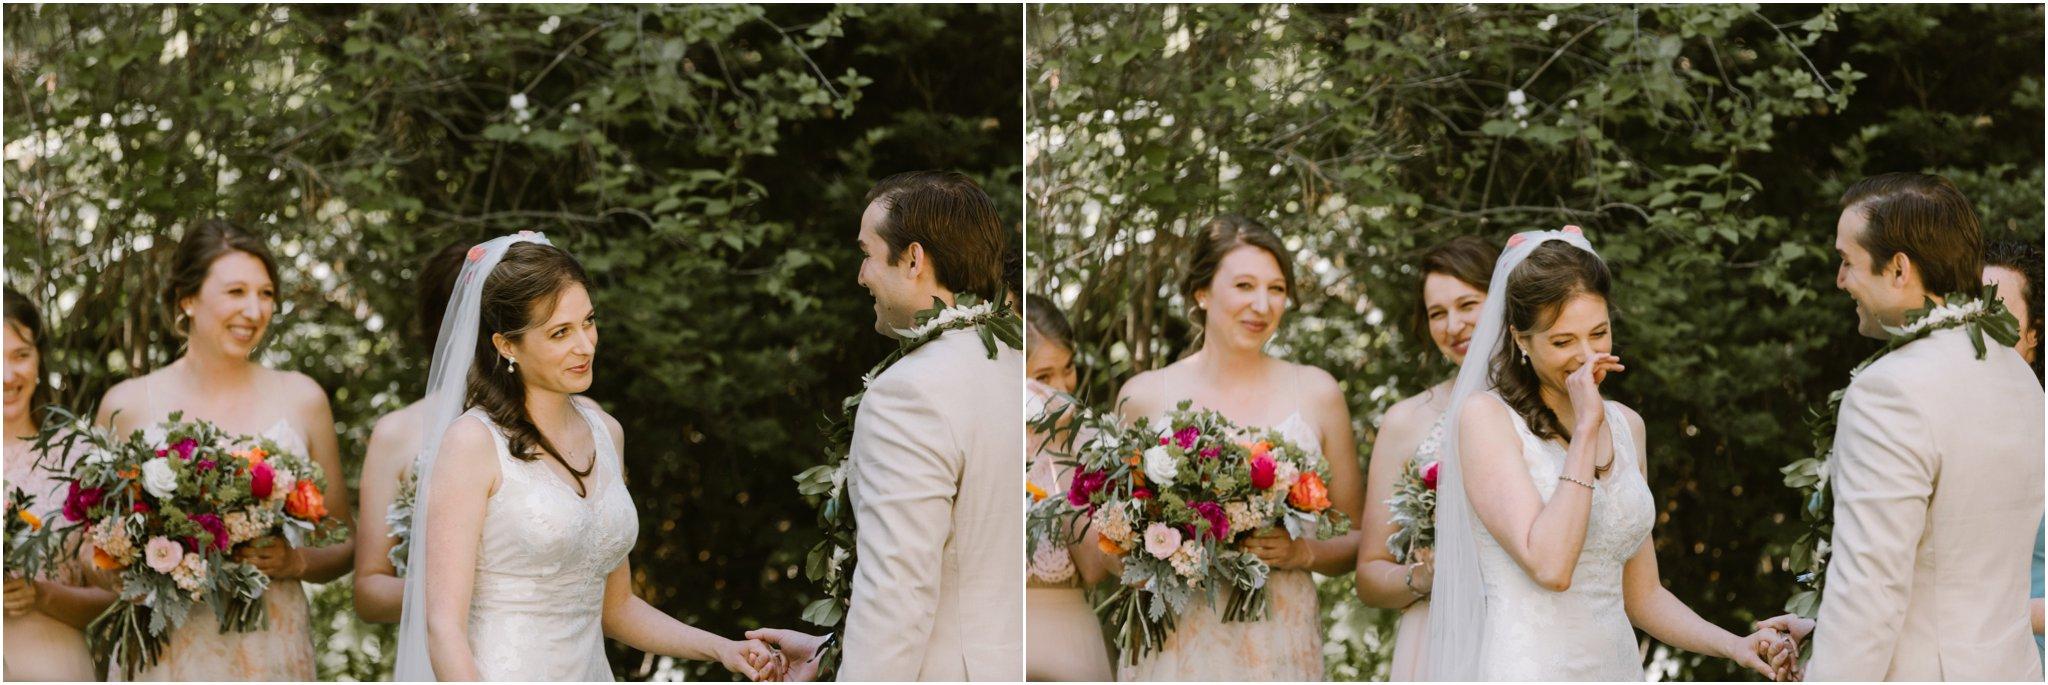 0265Los Poblanos Weddings Blue Rose Photography Studios